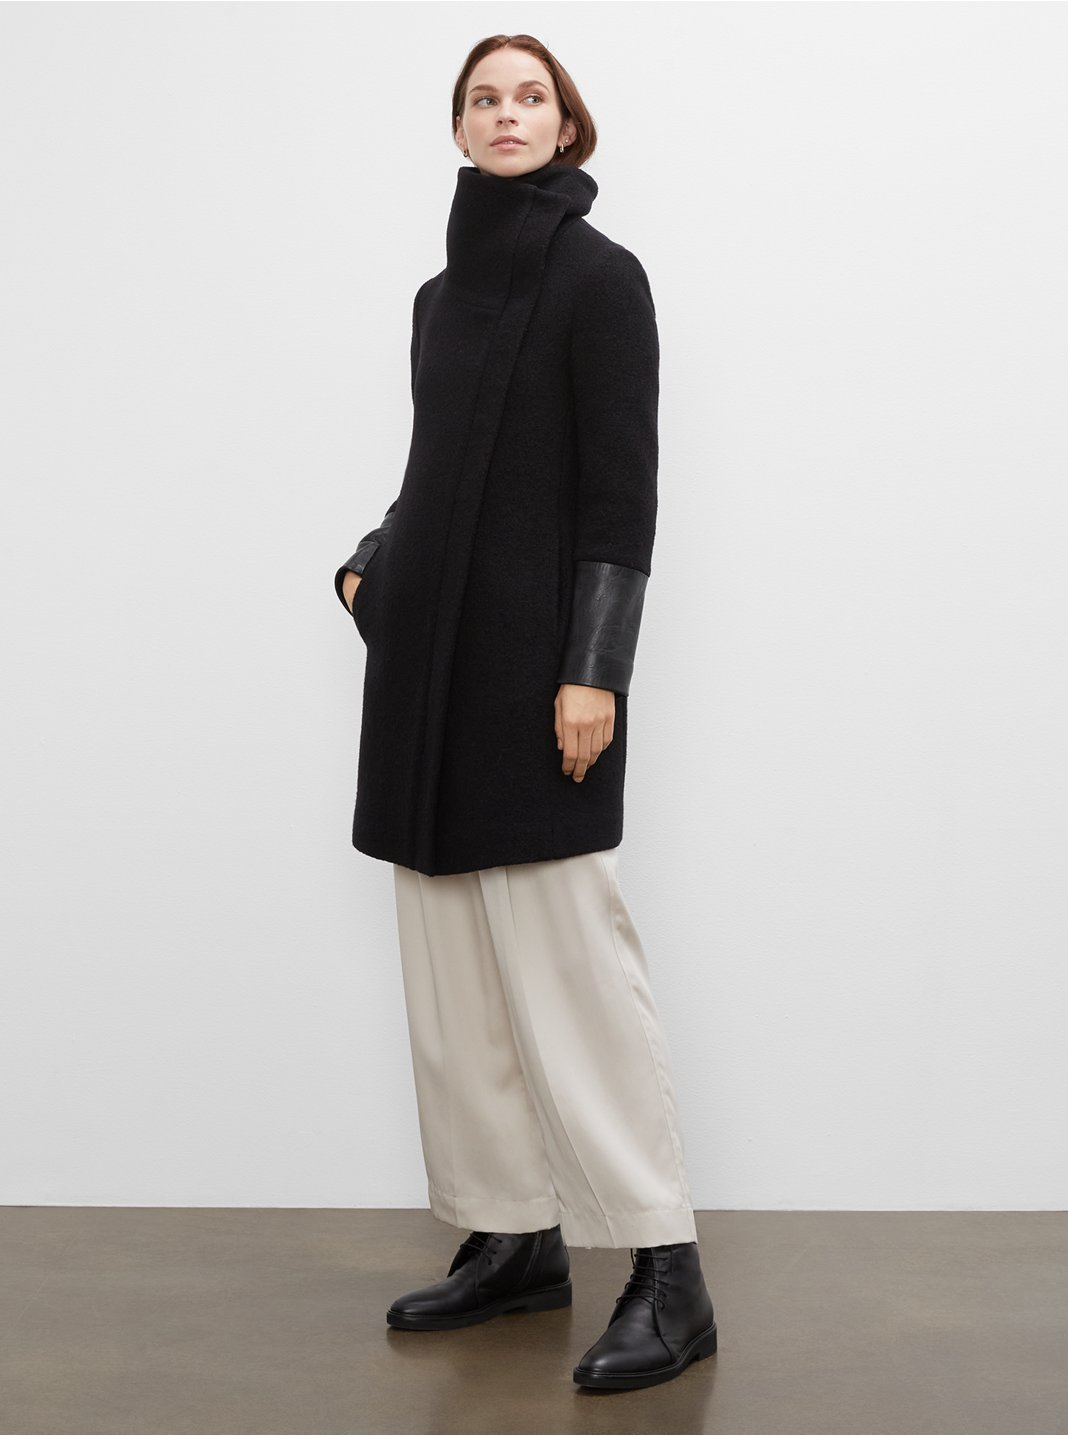 Halli Leather Trim Coat